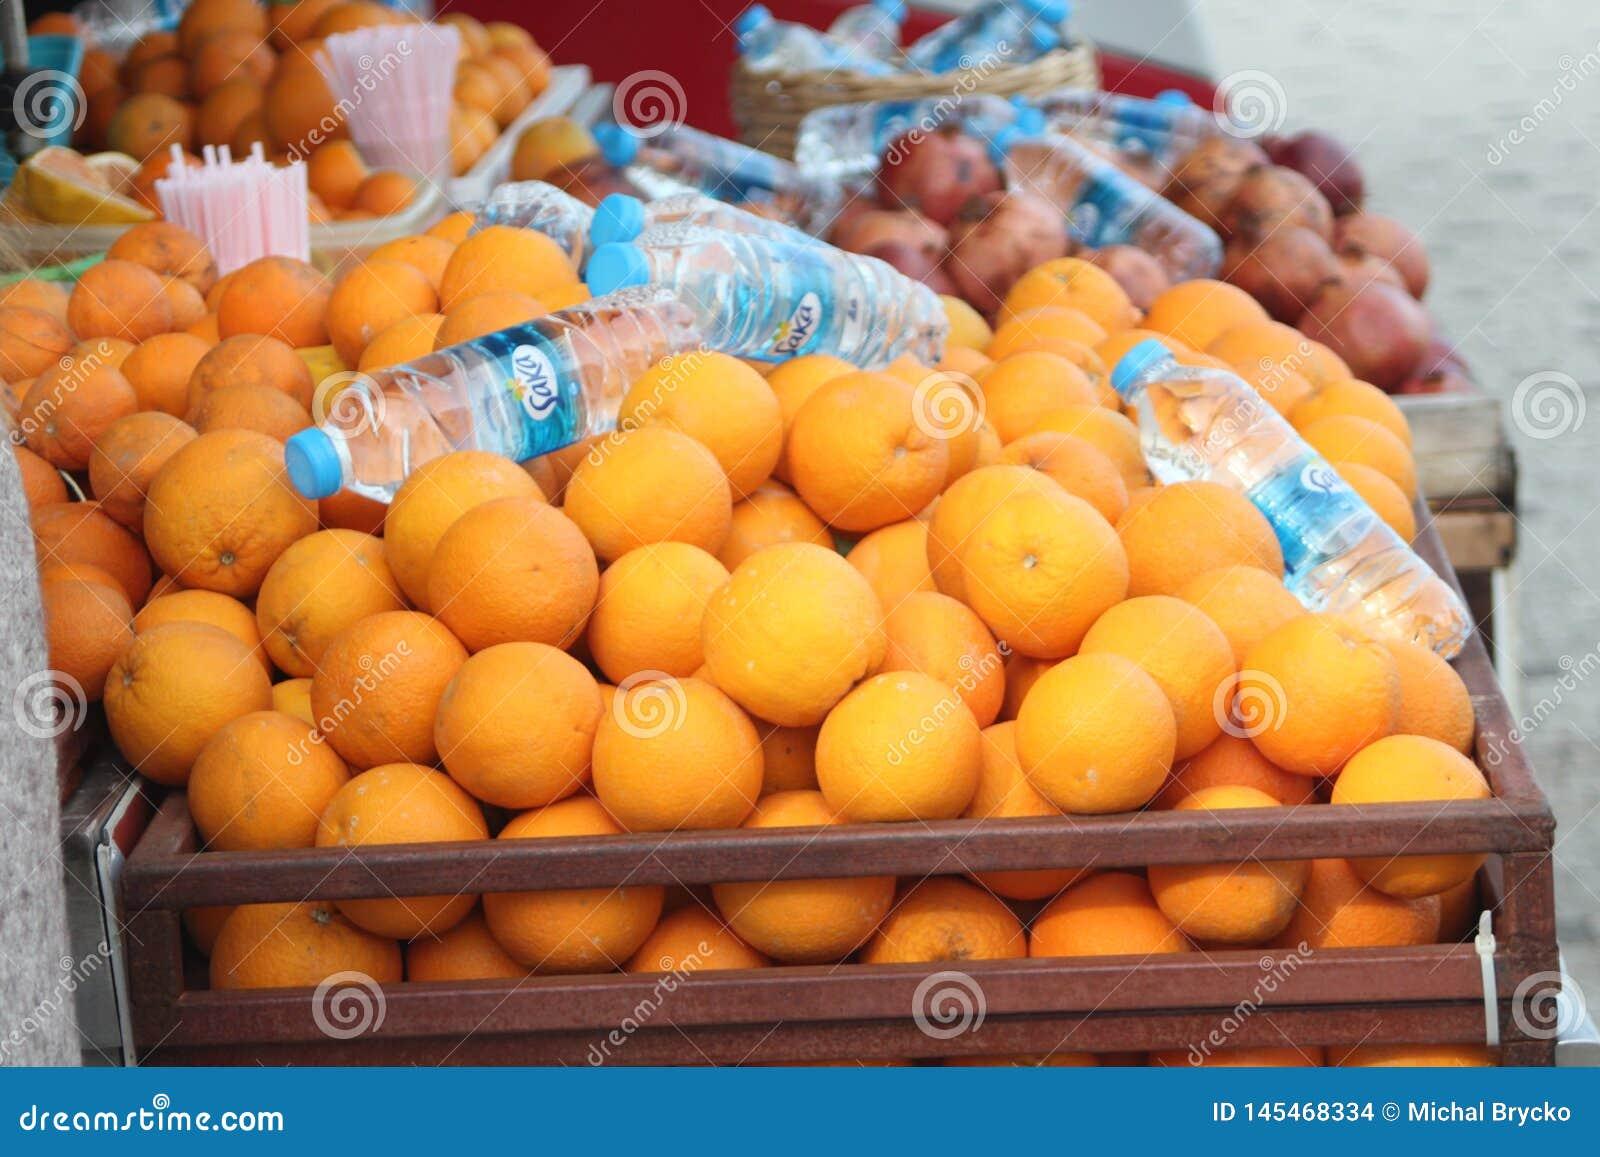 Oranges to buy!